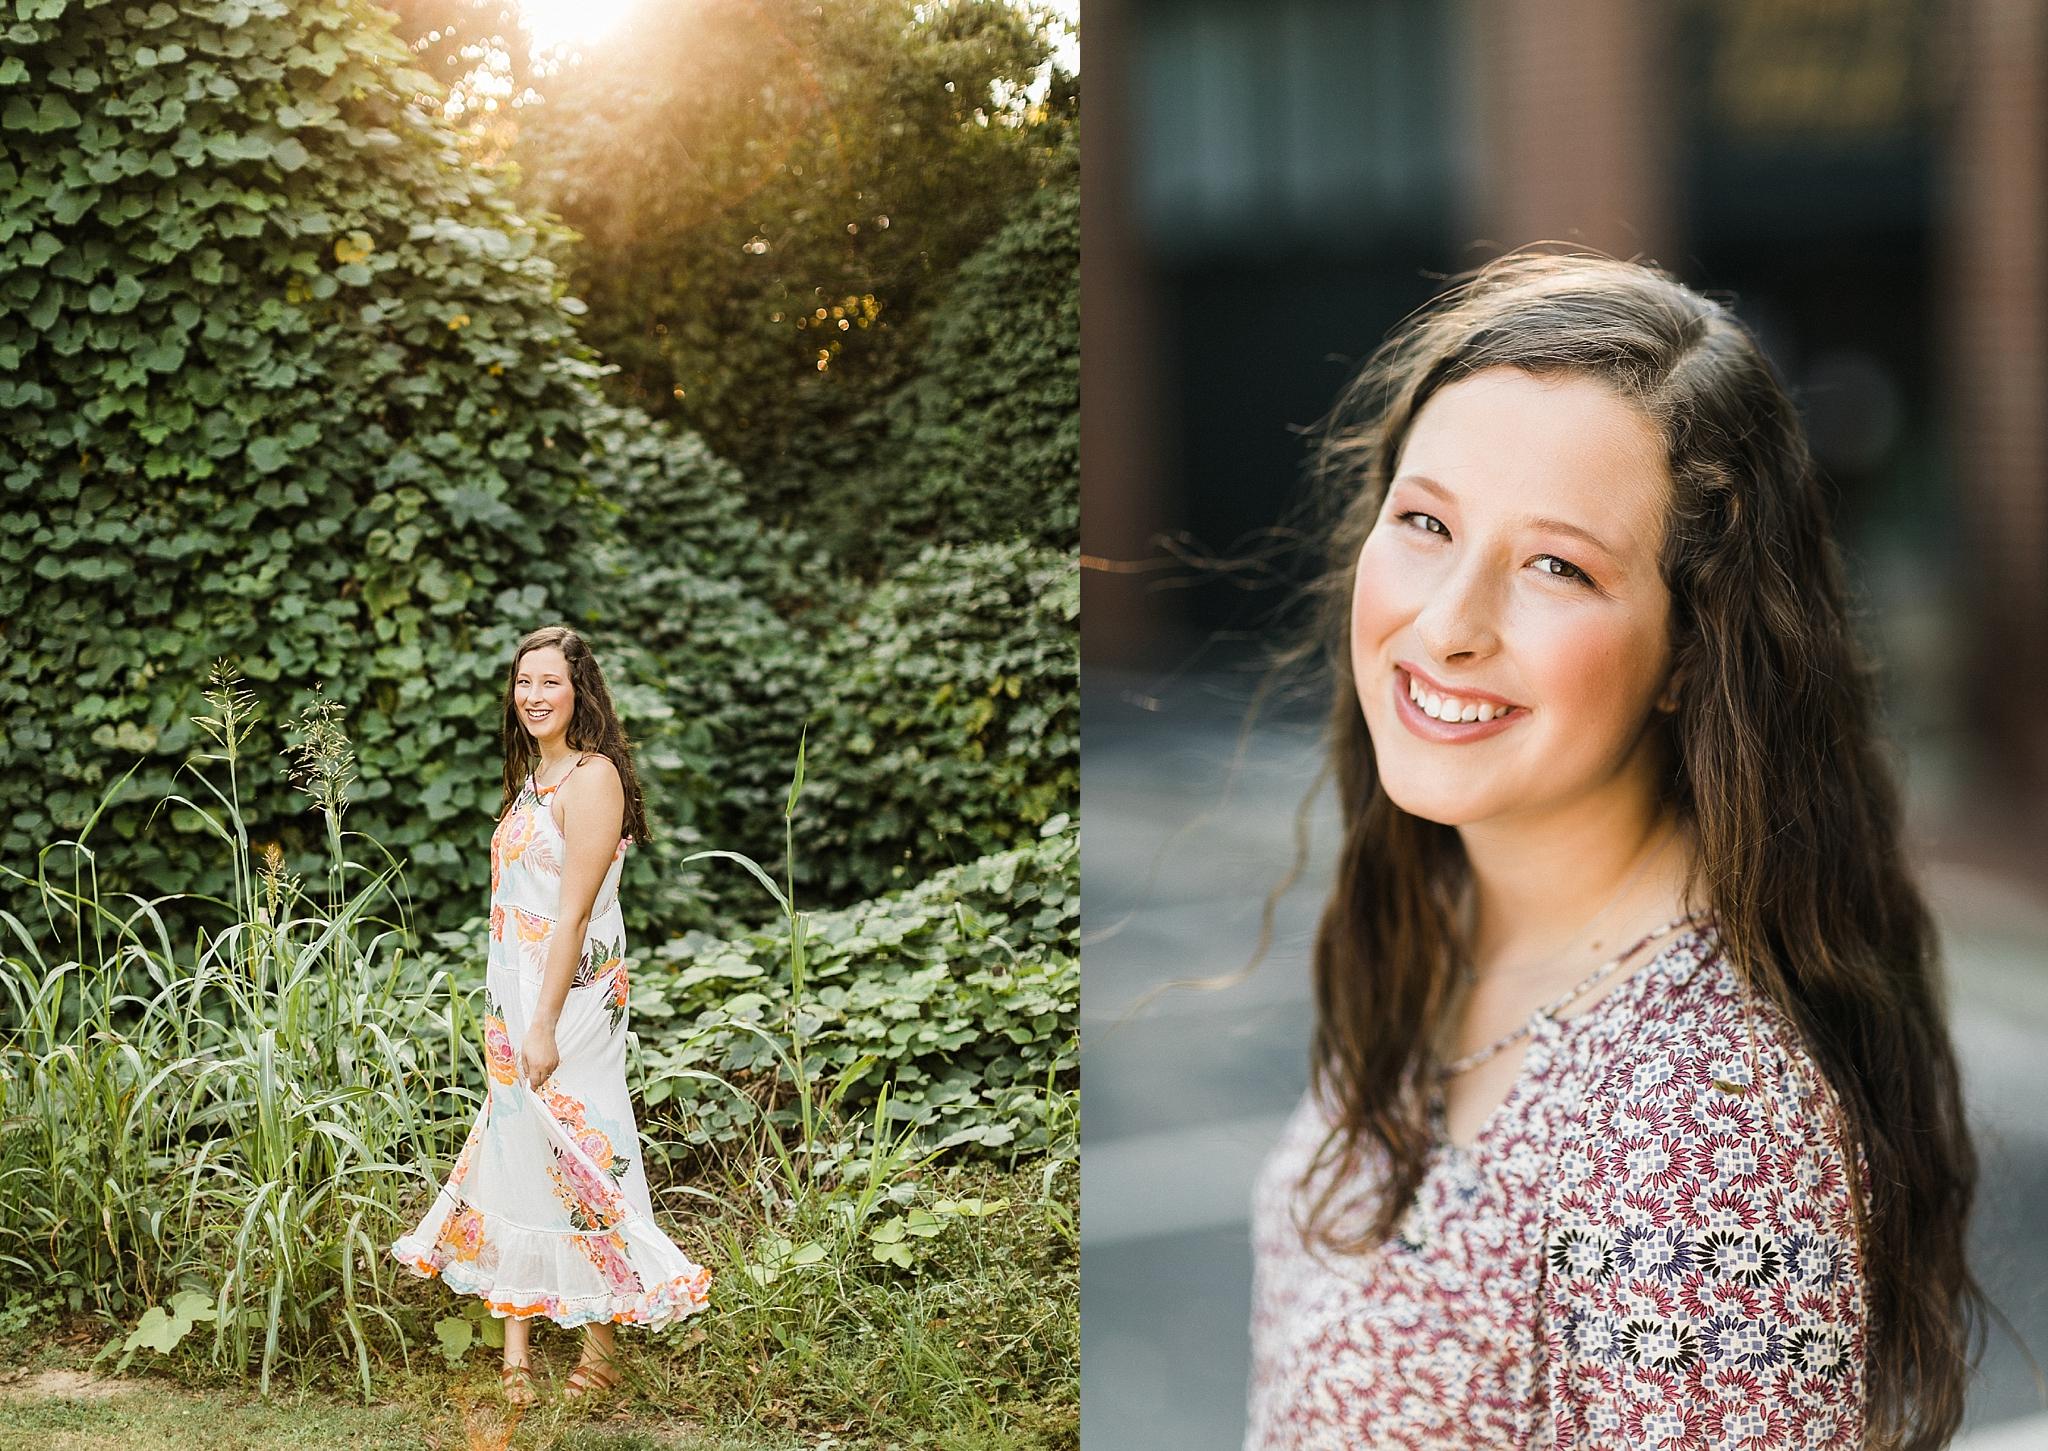 Claire - Madison - Bostwick, ga